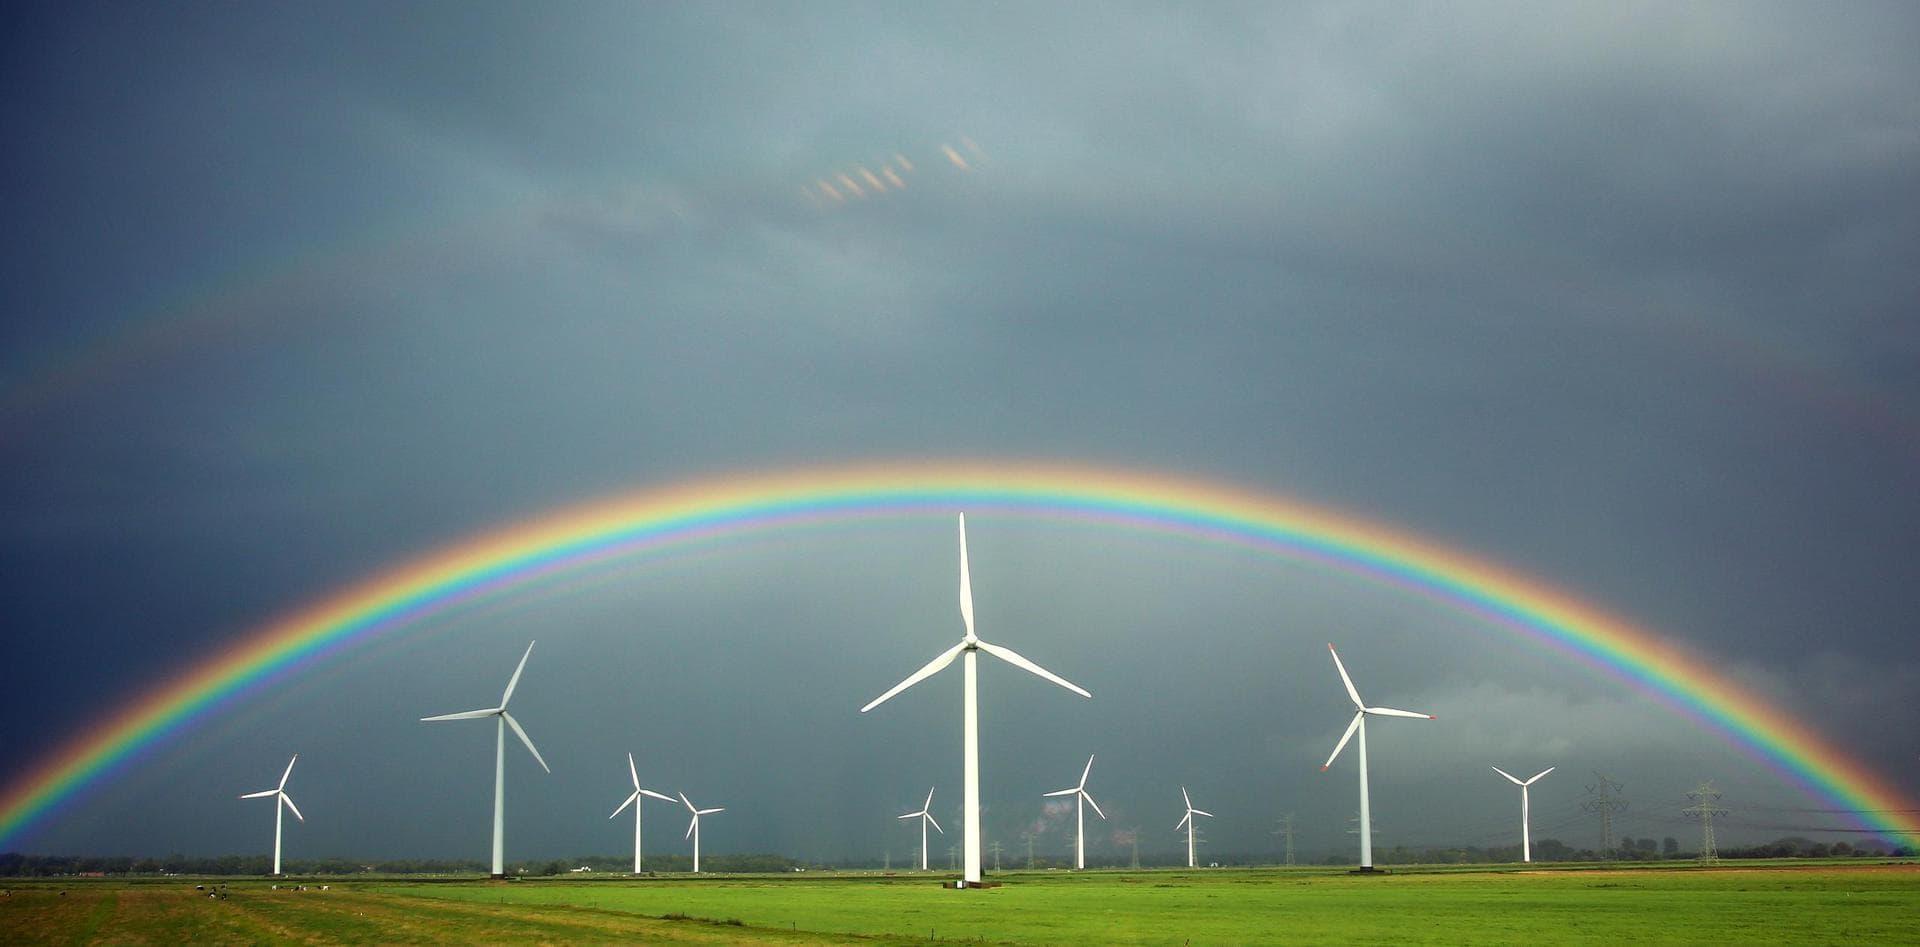 Ökostrom macht die Hälfte des Stromverbrauchs aus Daten für 2020